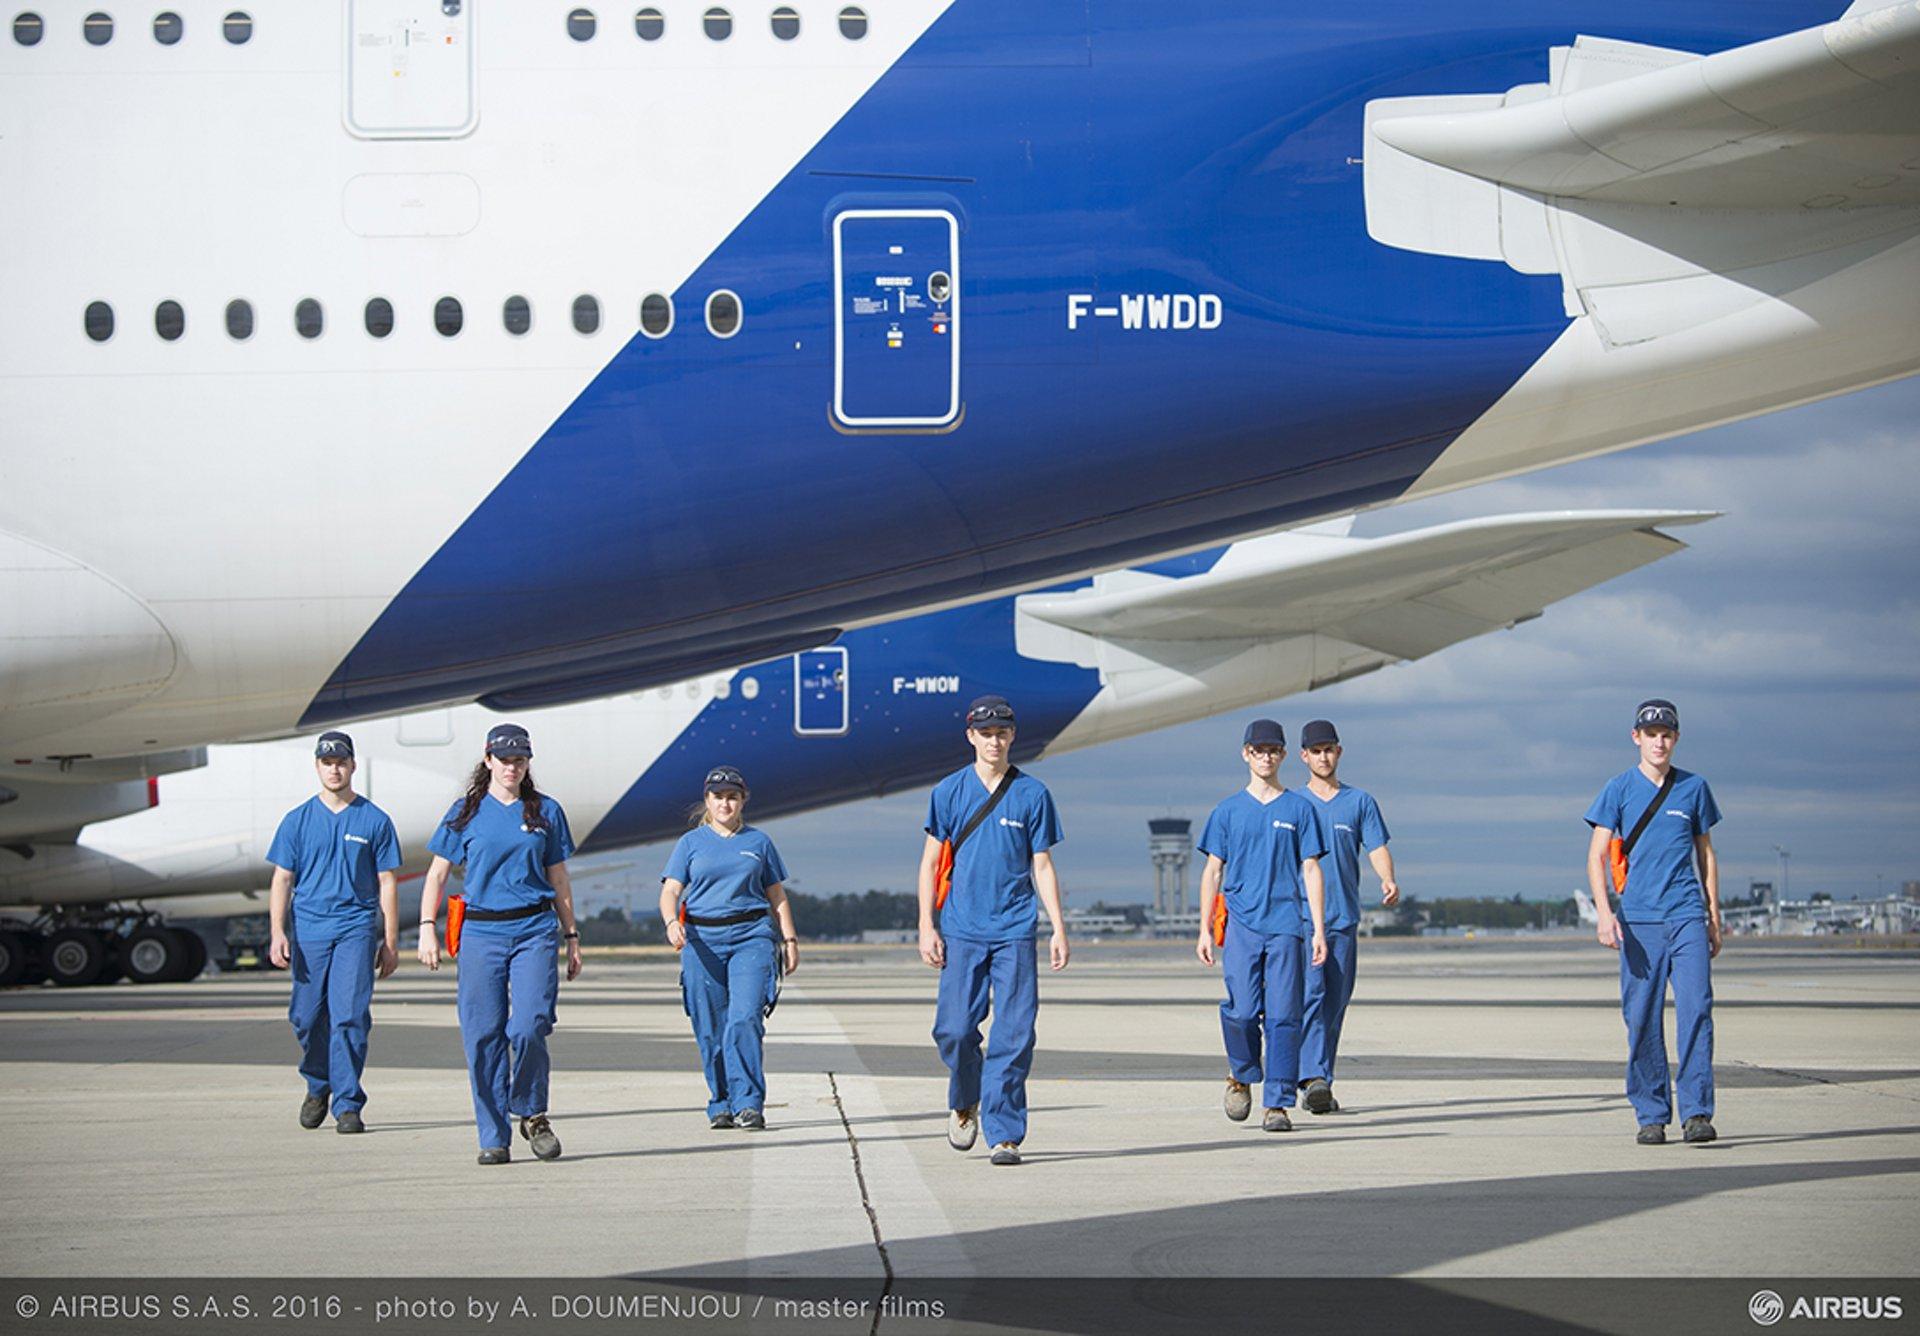 Lycée Airbus : les inscriptions aux tests d'admission pour la rentrée 2018 sont ouvertes jusqu'au 8 avril. Les métiers de l'aéronautique accessibles à tous et à toutes.